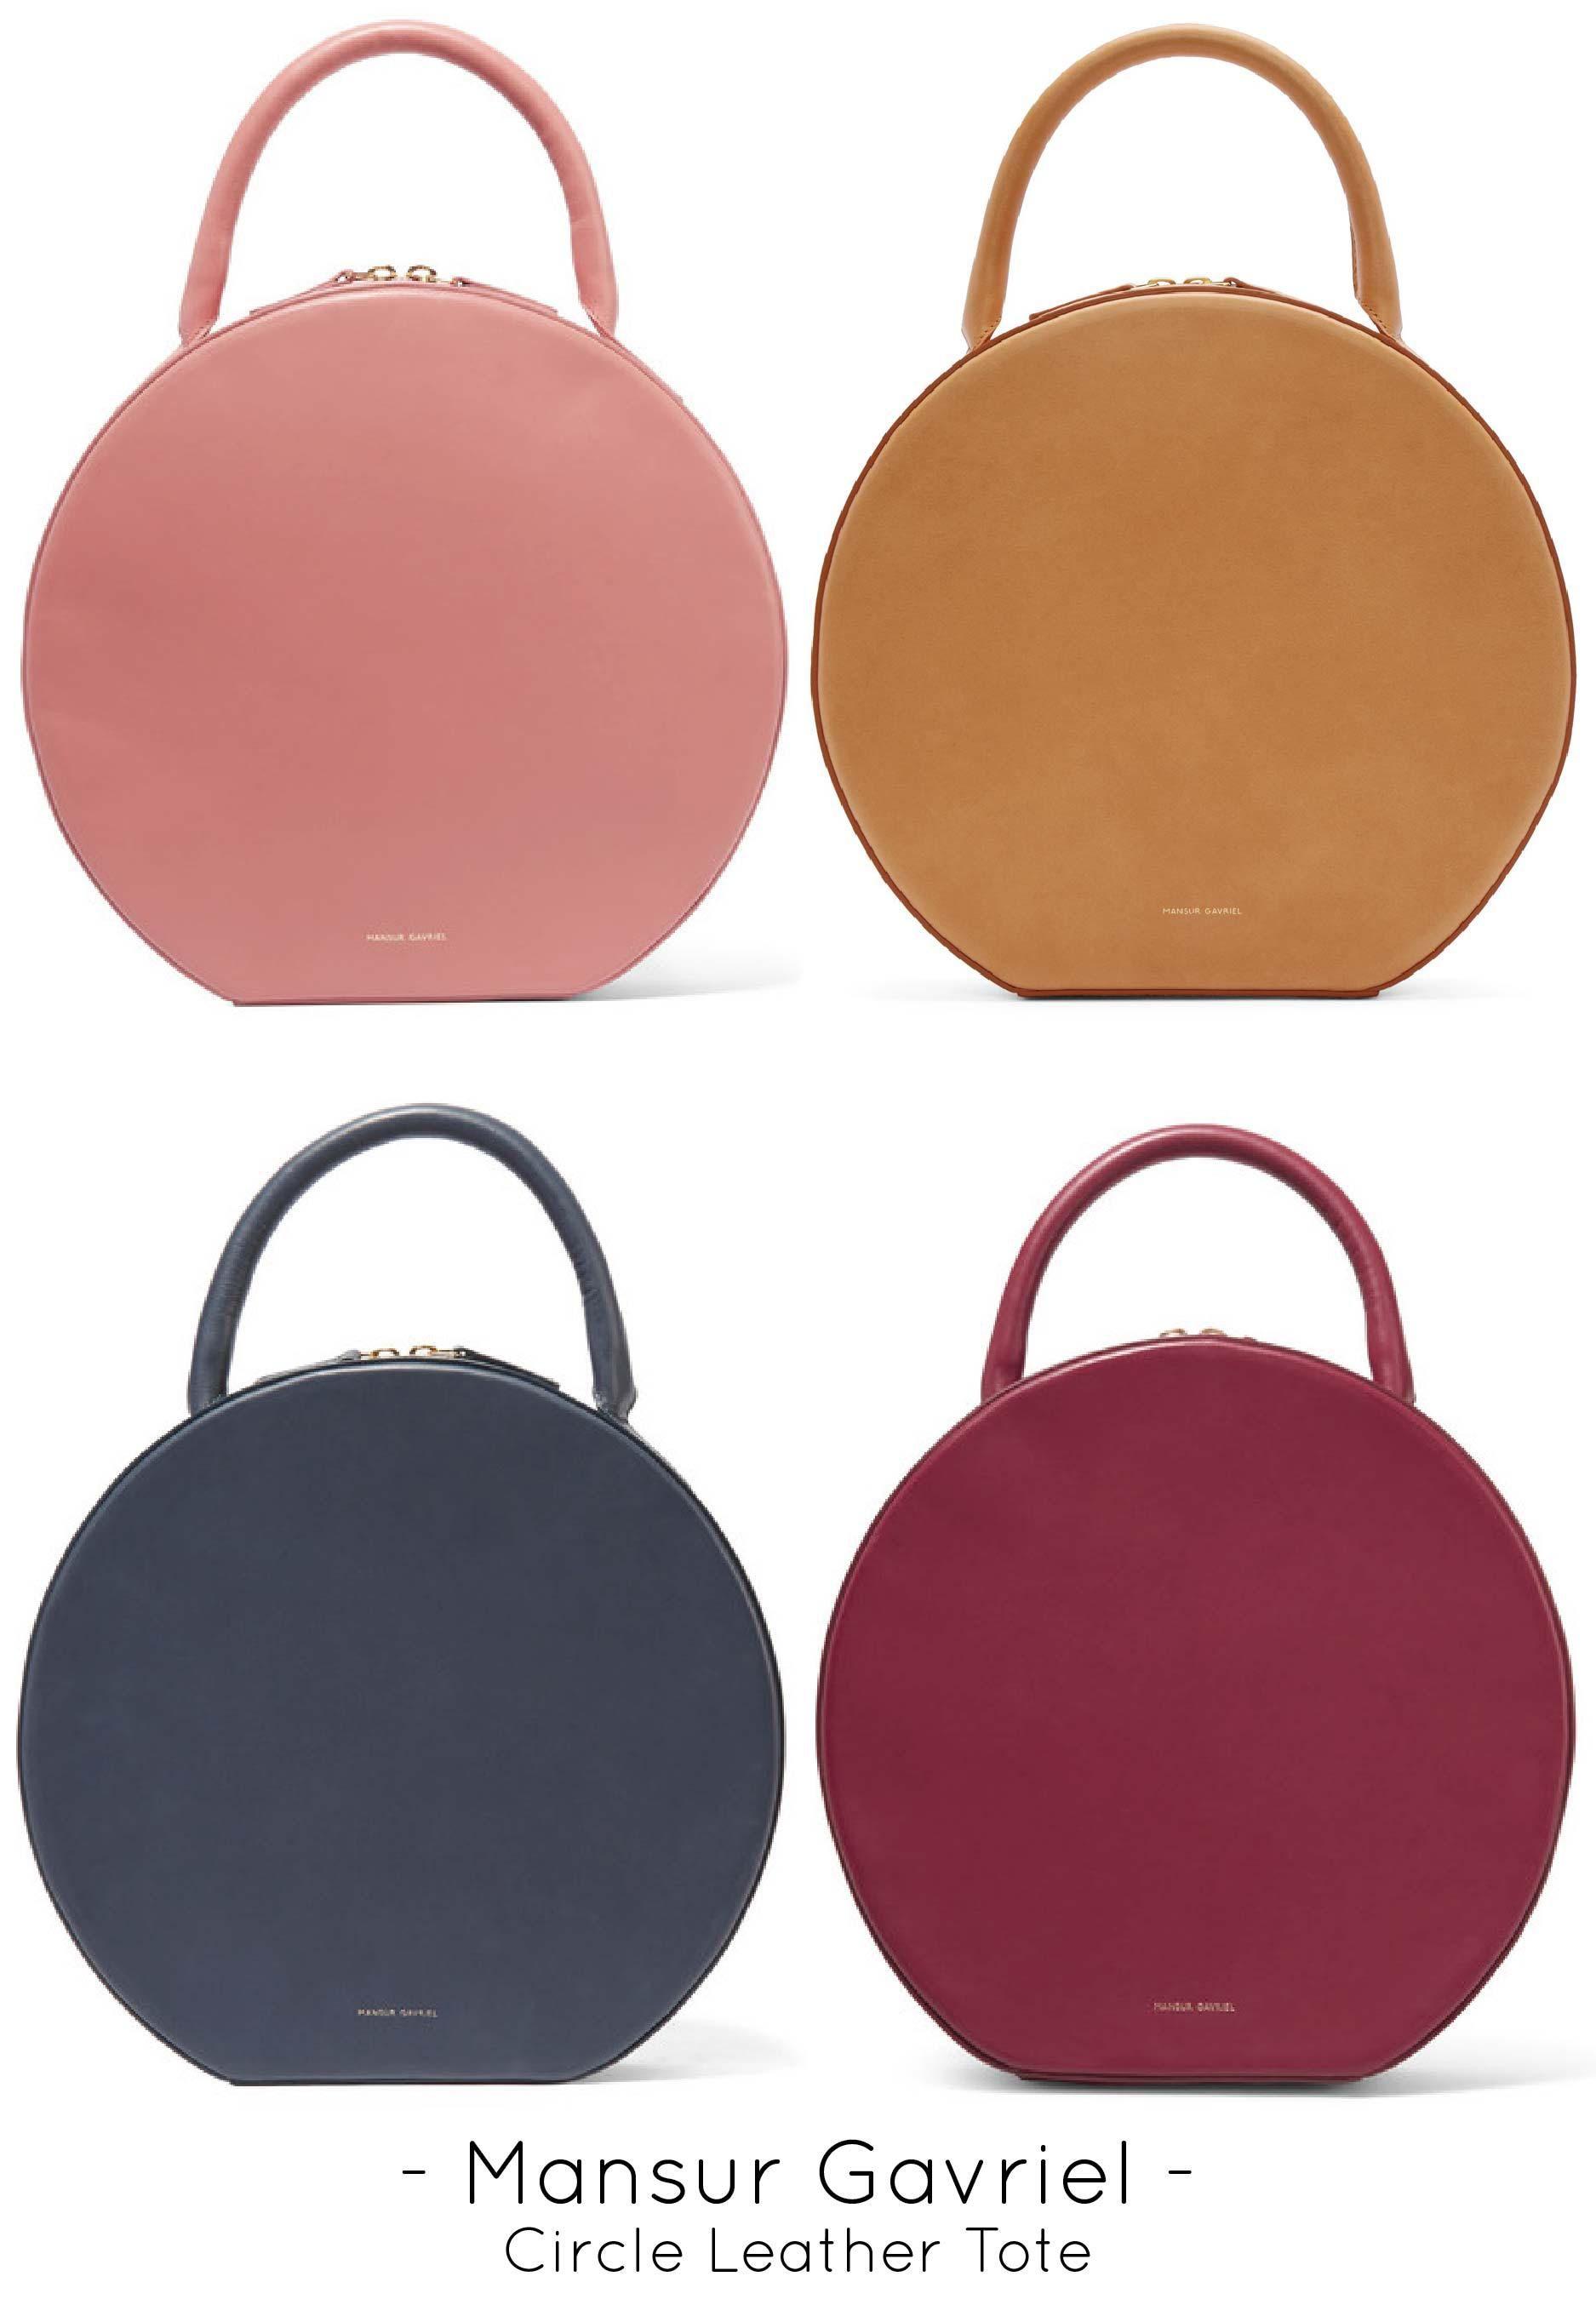 Mansur Gavriel Circle Leather Tote Bag Designer Handbags